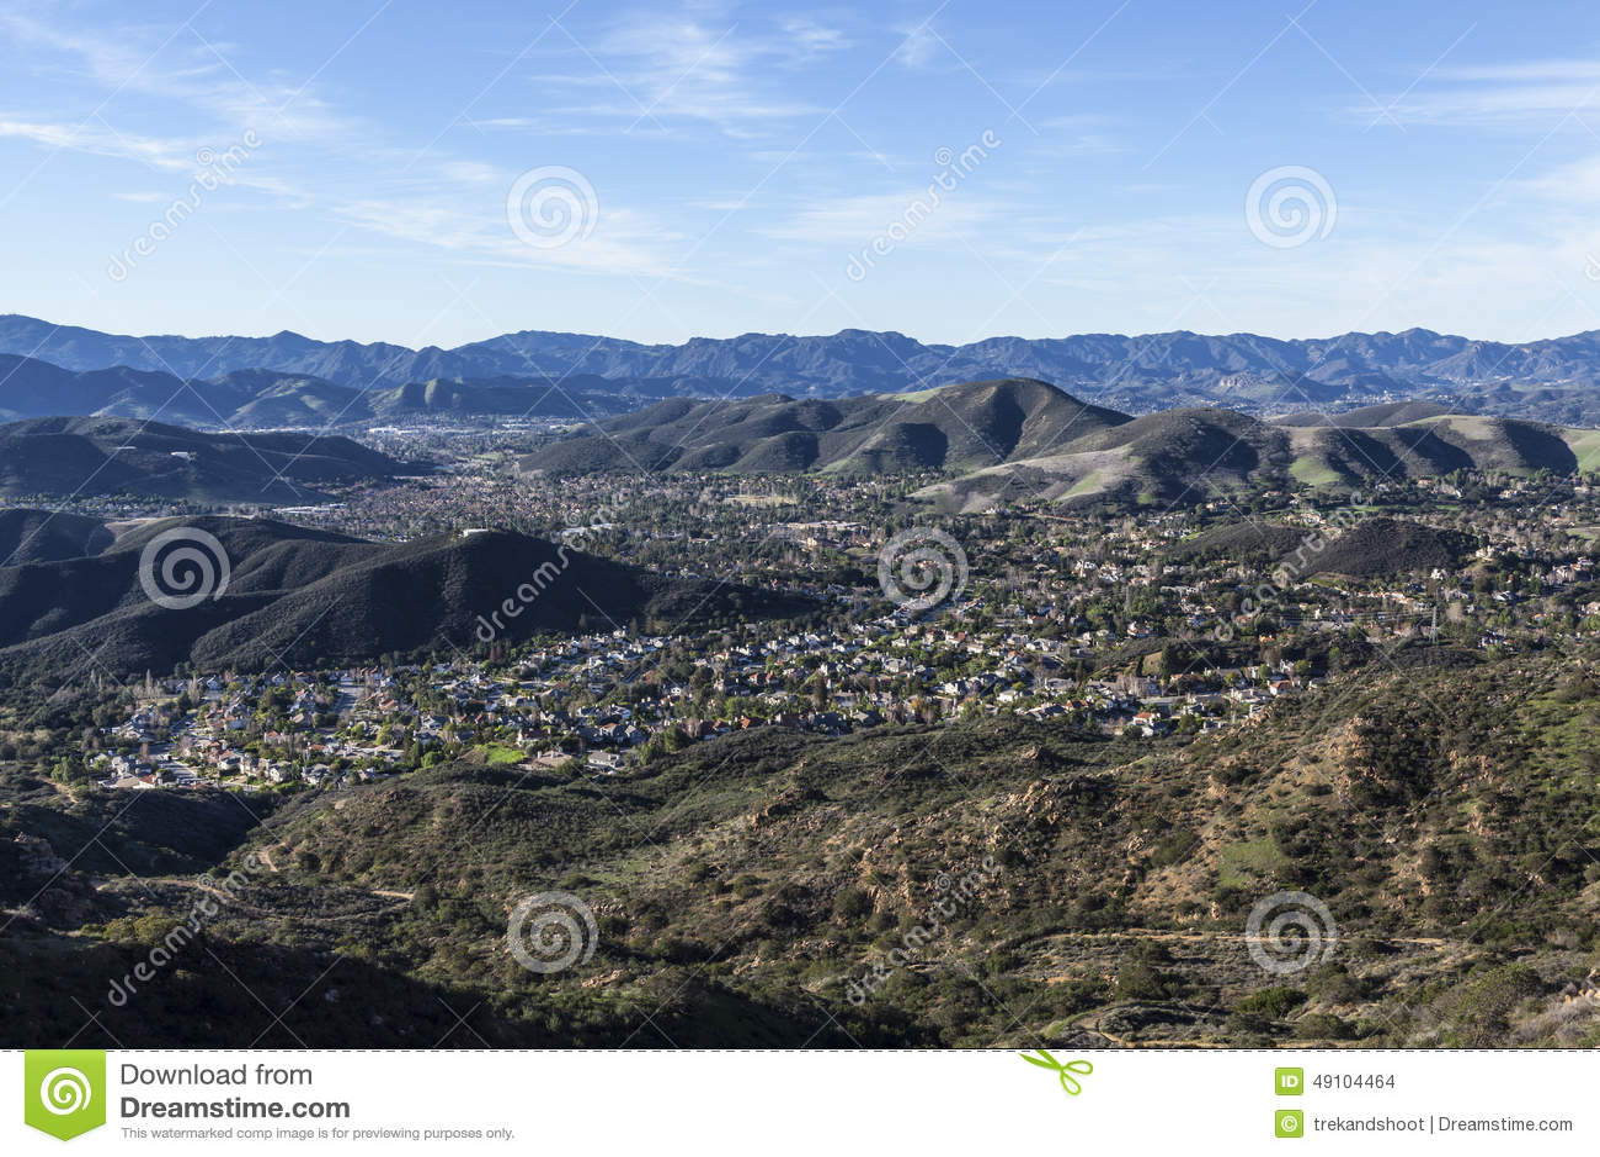 Thousand Oaks California Mountain Top View Stock Photo